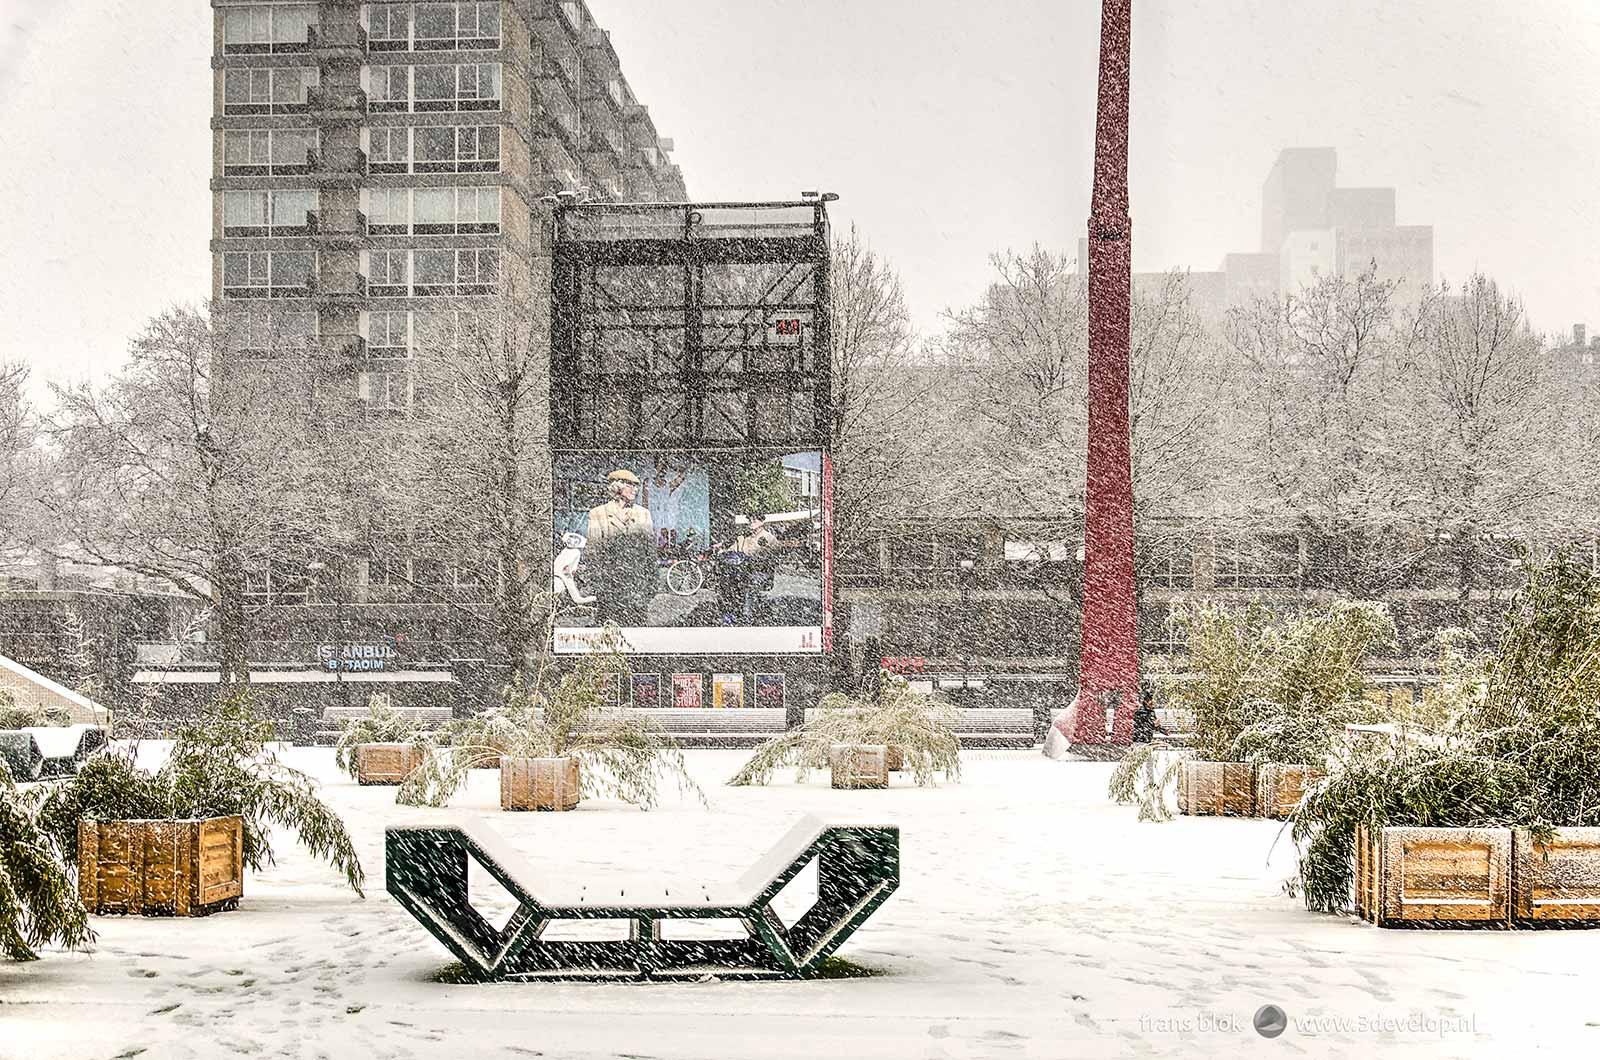 Het Schouwburgplein in Rotterdam tijdens een sneeuwbui in december 2017